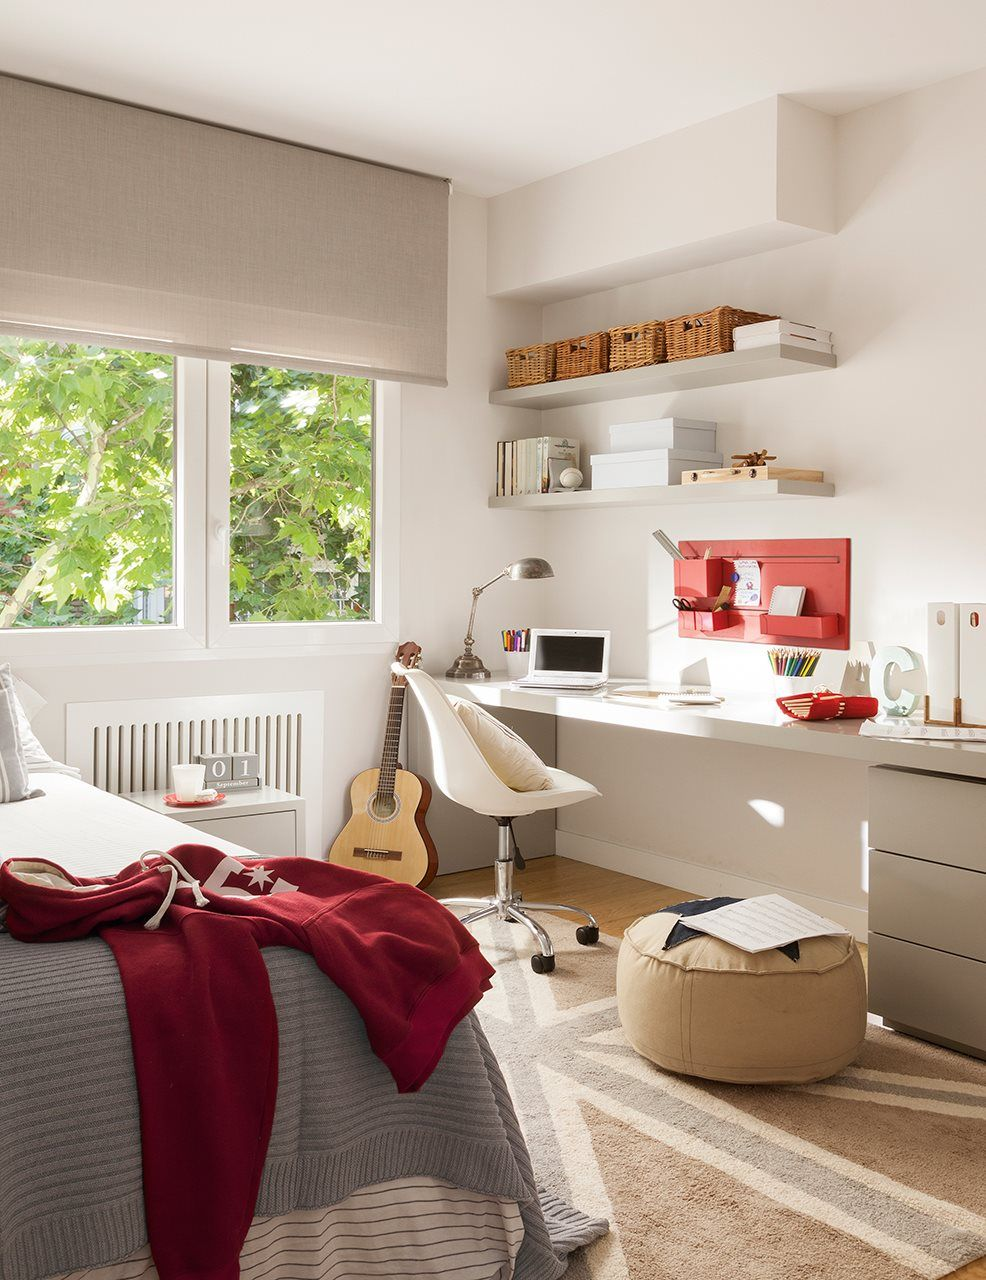 En 2019 cool ideas muebles dormitorio - Habitacion juvenil nina ...